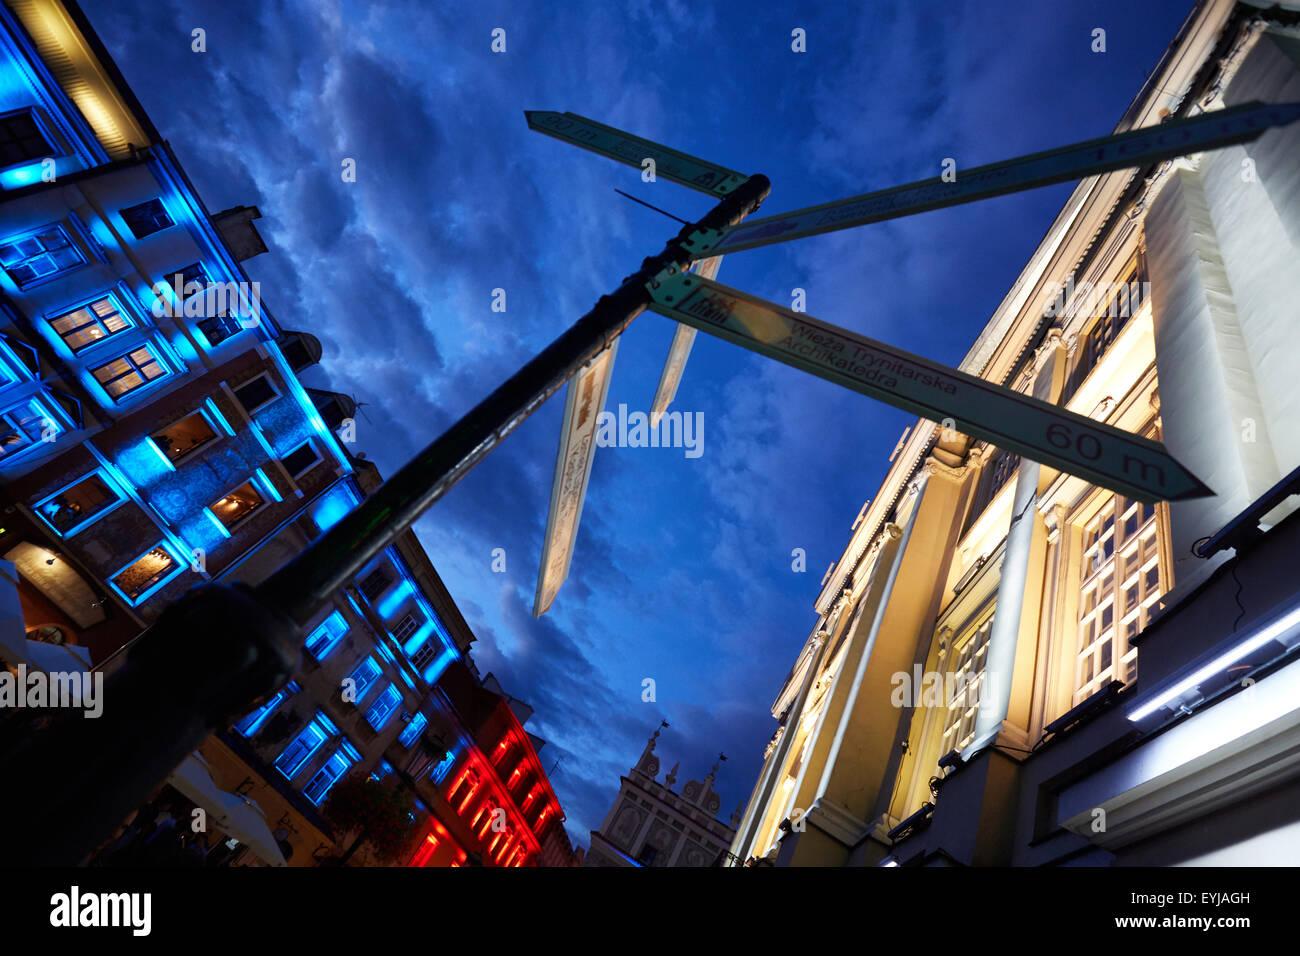 LED-Beleuchtung in Lublin die alte Stadt, Polen, Europa Stockbild